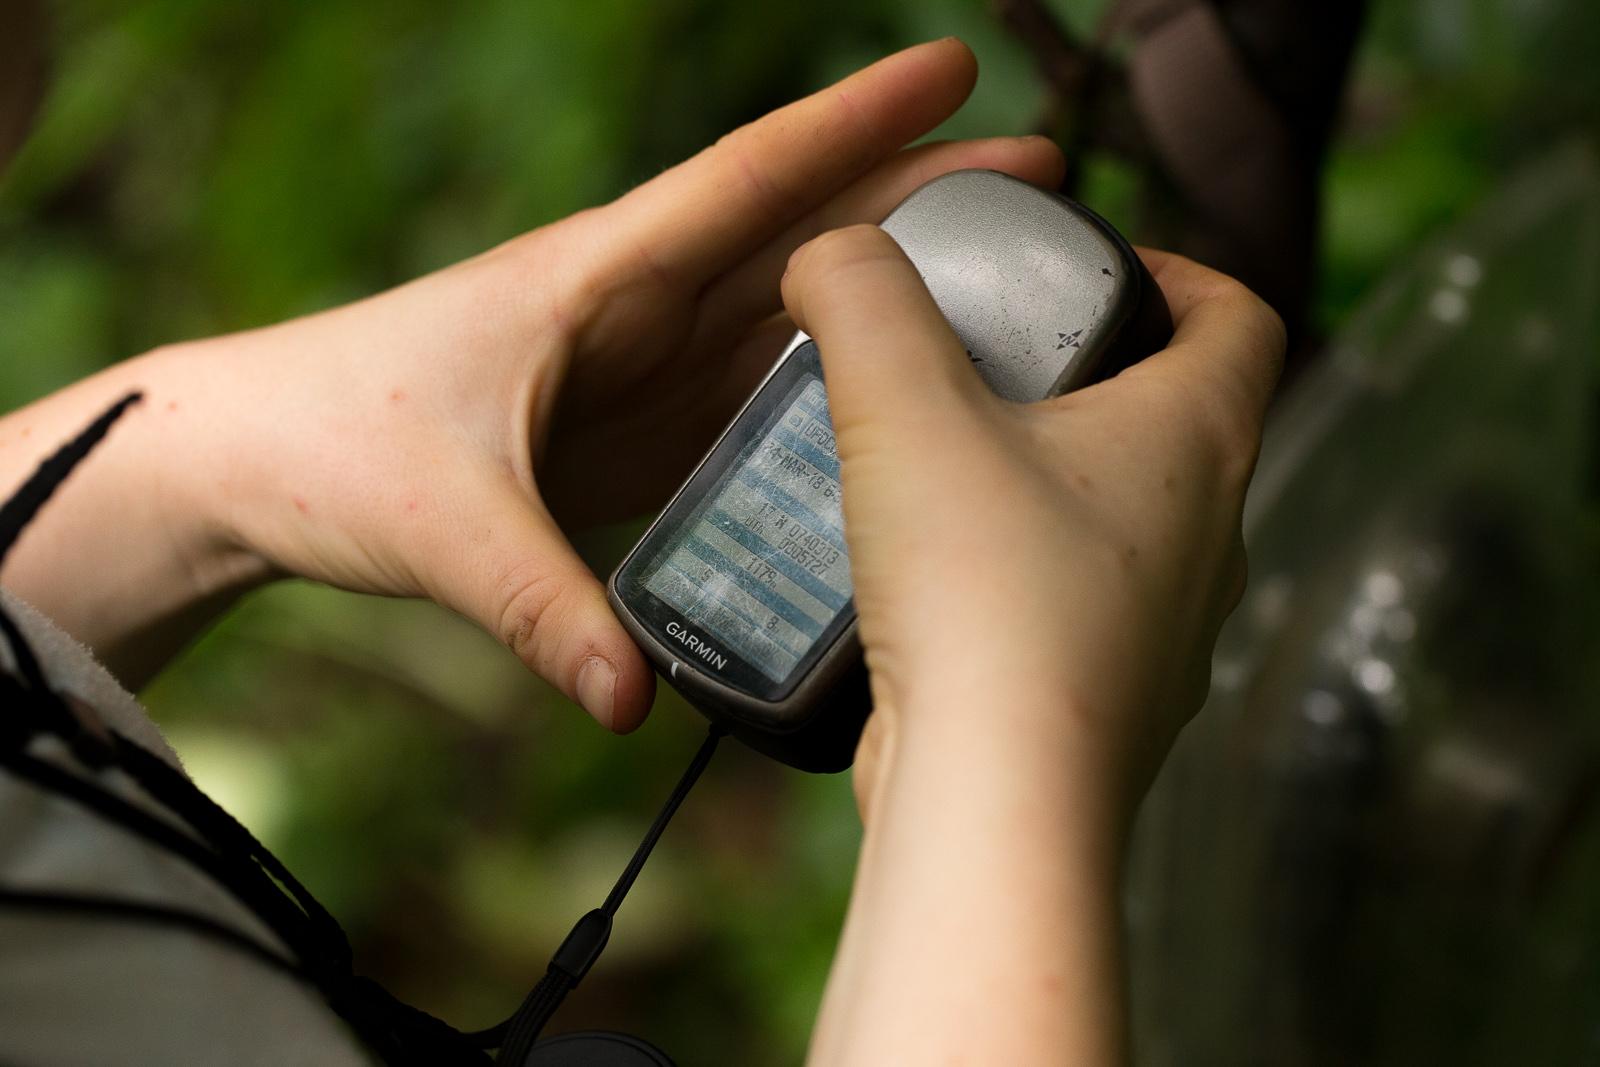 Taking GPS data